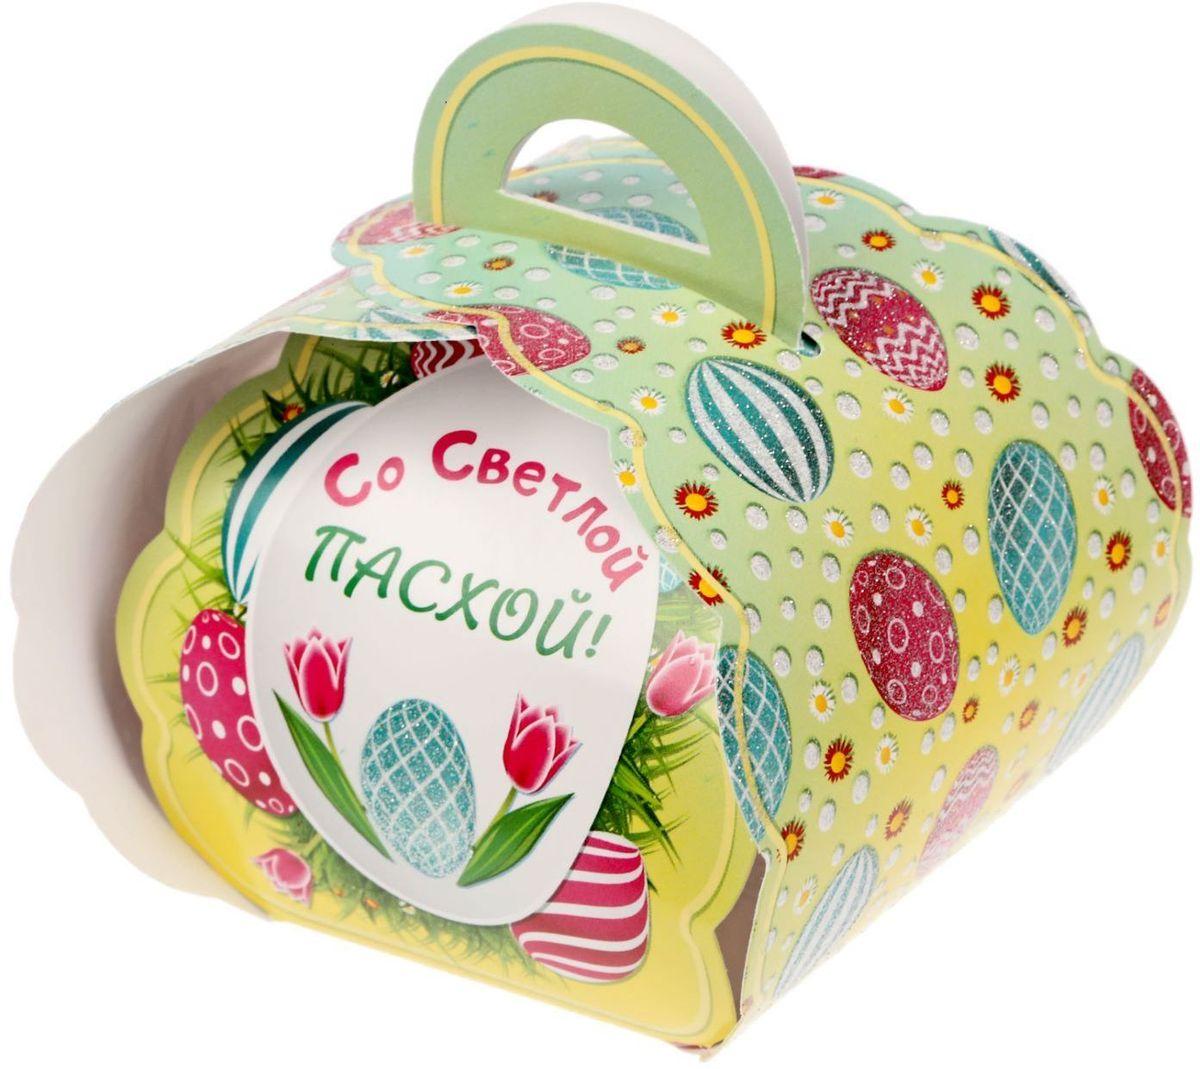 Коробочка подарочная для яйца Со светлой пасхой! Писанки. 17469891746989Коробочка подарочная для яйца — новое веяние в мире подарочной упаковки. Представьте, как здорово будет преподнести родным и близким подарки в таком оформлении. Душевный дизайн в народном стиле и пасхальные символы никого не оставят равнодушным. Коробочка надёжна и легка в использовании. Согните её по линиям и положите внутрь заготовленный презент. Благодаря удобной ручке изделие удобно переносить. Размер заготовки: 13,4 х 26,2 см.